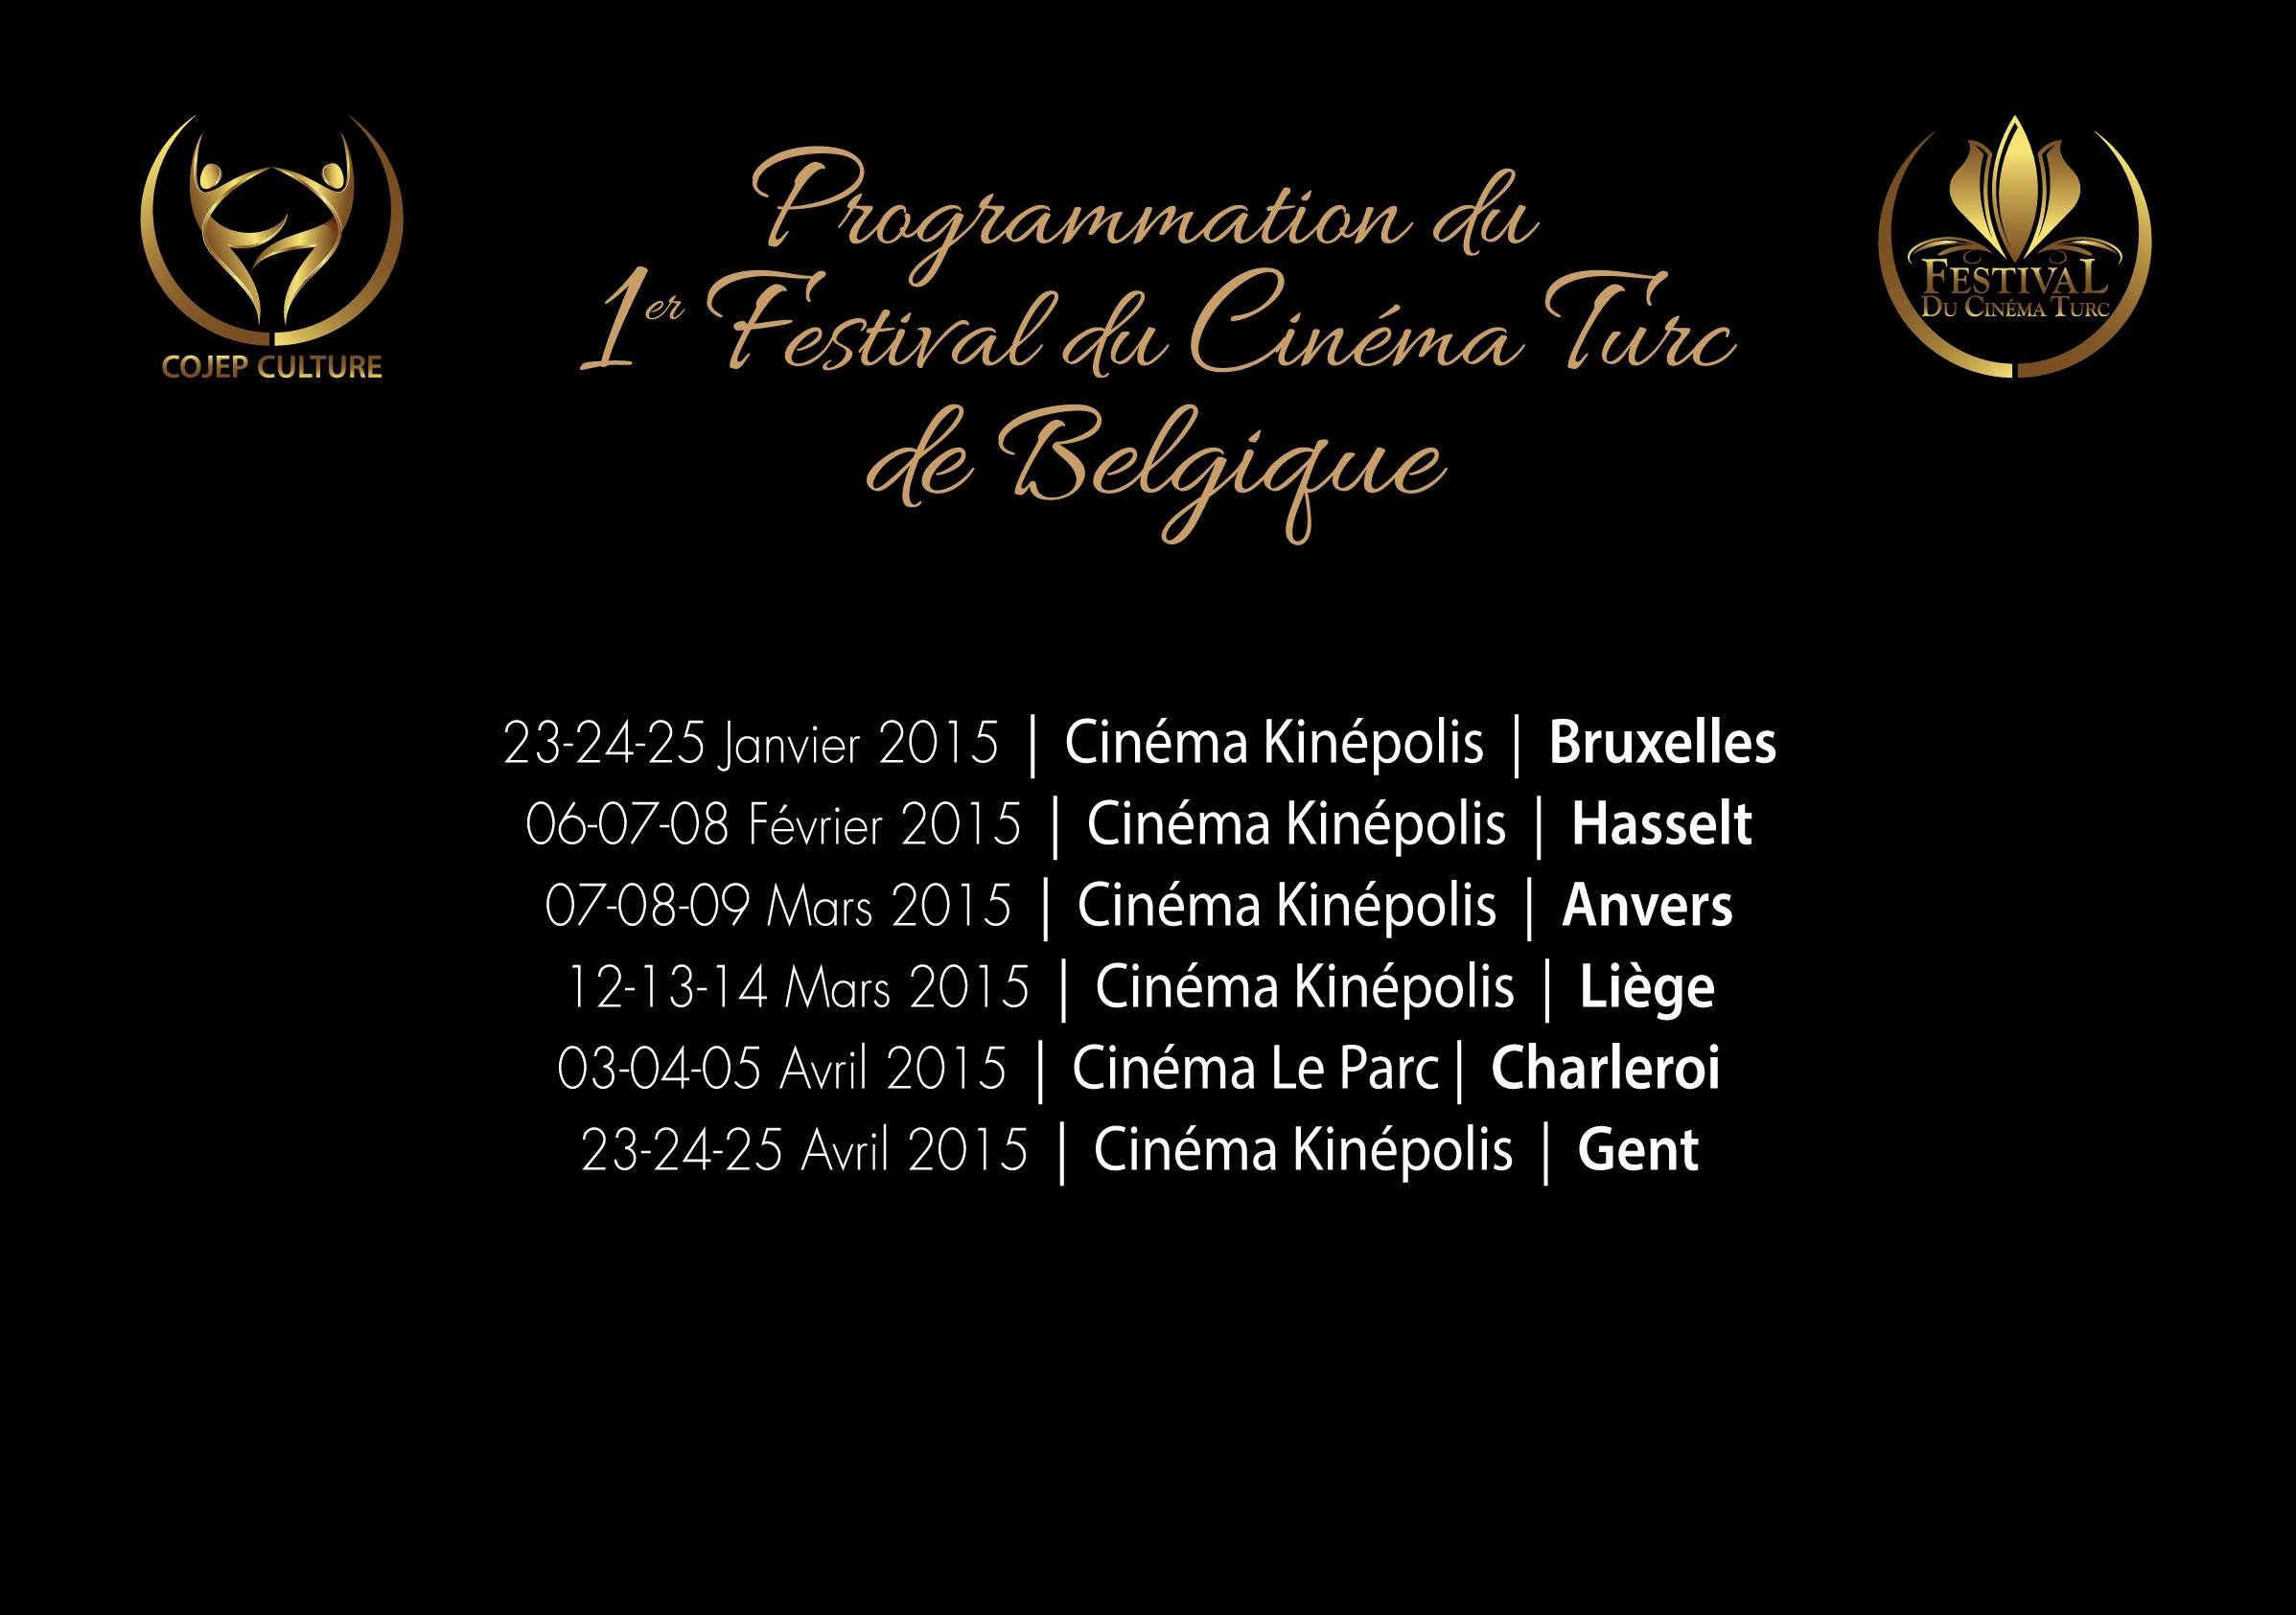 14-15-16 Novembre 2014 | Cinéma Le Pathé | BELFORT 15-16 Novembre 2014 | Cinéma Le Colisée | COLMAR 21-22-23 Novembre 2014 | Cinéma La Façade | AMBERT 22-23-28-29-30 Novembre 2014 | Cinéma Victor Hugo | BESANCON 28-29-30 Novembre 2014 | Cinéma Les Cinémas Forum | SARREGUEMINES 05-06-07 Décembre 2014 | Cinéma Le Rabelais | MEYTHET 13-14-17-19-20-21 Décembre 2014 | Cinéma Le Palace | MULHOUSE 09-10 Janvier 2015 | Cinéma Le CinéCubic | SAVERNE 09-10-11 Janvier 2015 | Cinéma Le Megarama | BORDEAUX 16-17-18 Janvier 2015 | Cinéma Le CinéSar | SARREBOURG 16-17-18 Janvier 2015 | Cinéma Le Ciné Lumière | SAINT CHAMOND 17-18-21-23-24-25 Janvier 2015 | Cinéma Select | SELESTAT 23-24-25 Janvier 2015 | Cinéma Le Florival | GUEBWILLER 30-31 Janvier, 01 Février 2015 | Cinéma Le Rex | RIBEAUVILLE 30-31 Janvier, 01 Février 2015 | Cinéma Le Metropolis | CHARLEVILLE-MEZIERES 01-04-06-07-08 Février 2015 | Cinéma Le Colisée | MONTBELIARD 06-07-08 Février 2015 | Cinéma Etoile Palace | VICHY 06-07-08 Février 2015 | Cinéma Le Studio 66 | CHAMPIGNY 13-14-15 Février 2015 | Cinéma Le Palace Lumière | ALTKIRCH 13-14-15 Février 2015 | Cinéma Le Trèfle | DORLISHEIM 13-14-15 Février 2015 | Cinéma Le Palace | LONS-LE-SAUNIER 21-22 Février 2015 | Cinéma La Bouilloire | MARCKOLSHEIM 27-28 Février, 01 Mars 2015 | Cinéma Le Meyzieu | MEYZIEU 28 Février, 01 Mars 2015 | Cinéma Le Cinéville | RENNES 28 Février, 01-06-07-08 Mars 2015 | Cinéma Le Royal | SAINT-ETIENNE 06-07-08 Mars 2015 | Cinéma Adalric | OBERNAI 20-21-22 Mars 2015 | Cinéma Les Variétés | THILLOT 10-11-12-18-21 Avril 2015 | Cinéma Olympia | DIJON 11-12 Avril 2015 | Cinéma Espace Grün | CERNAY